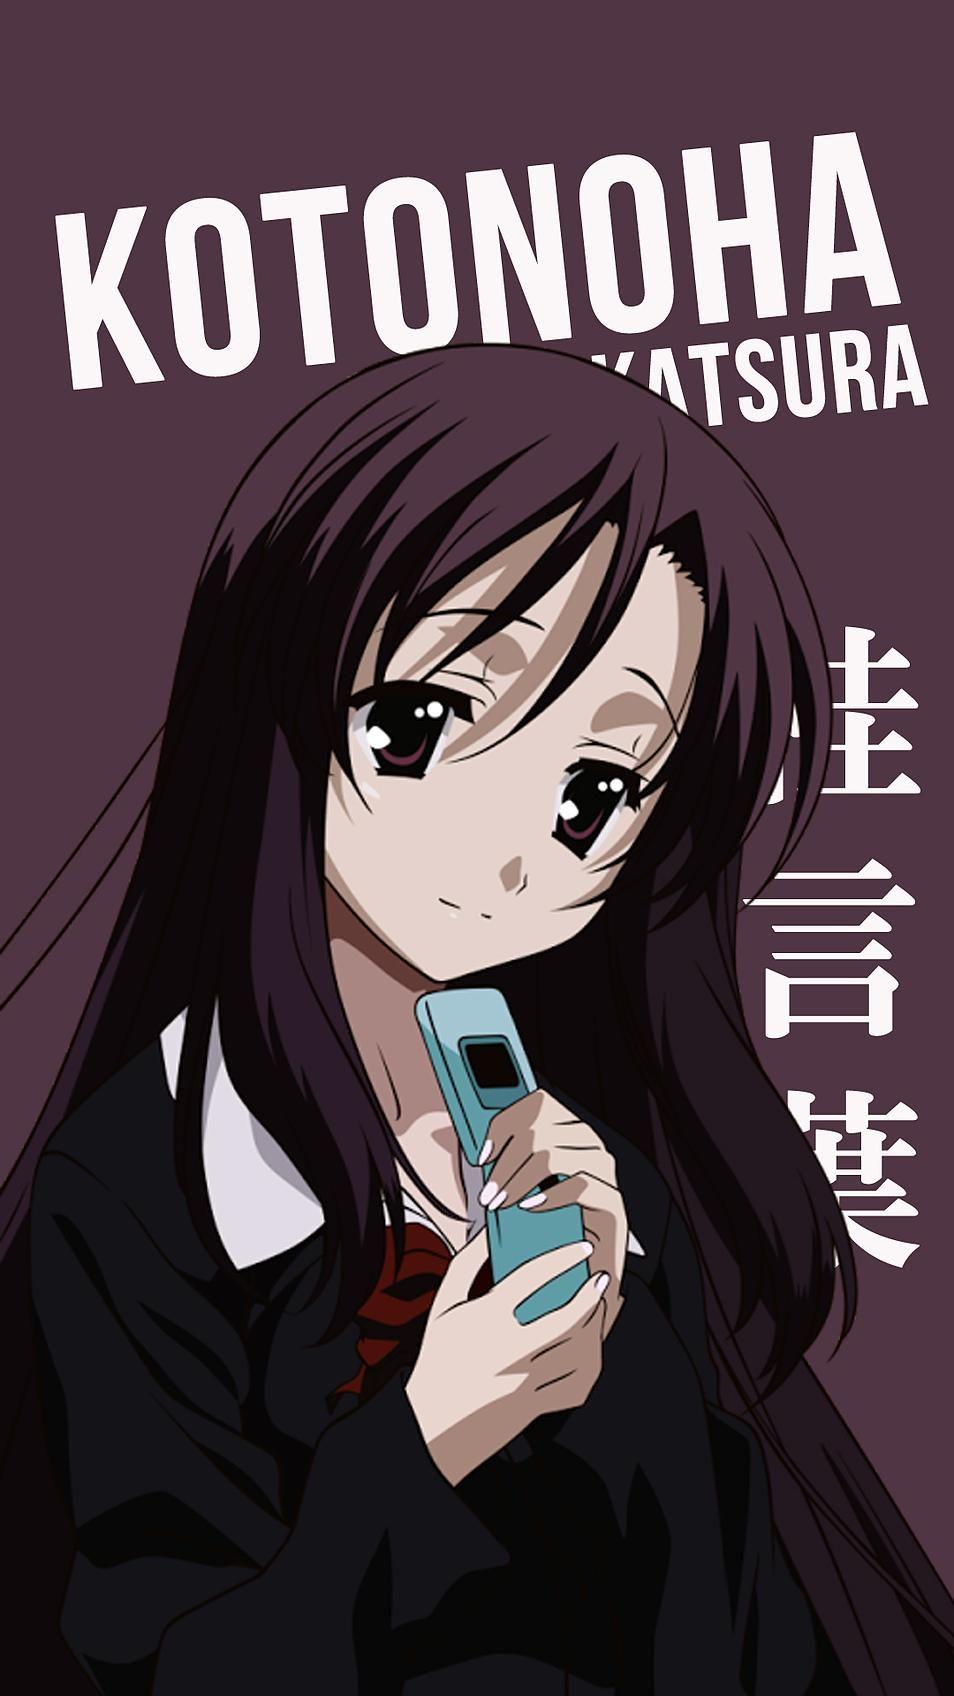 Kotonoha Katsura Korigengi Wallpaper Anime con imgenes 954x1696